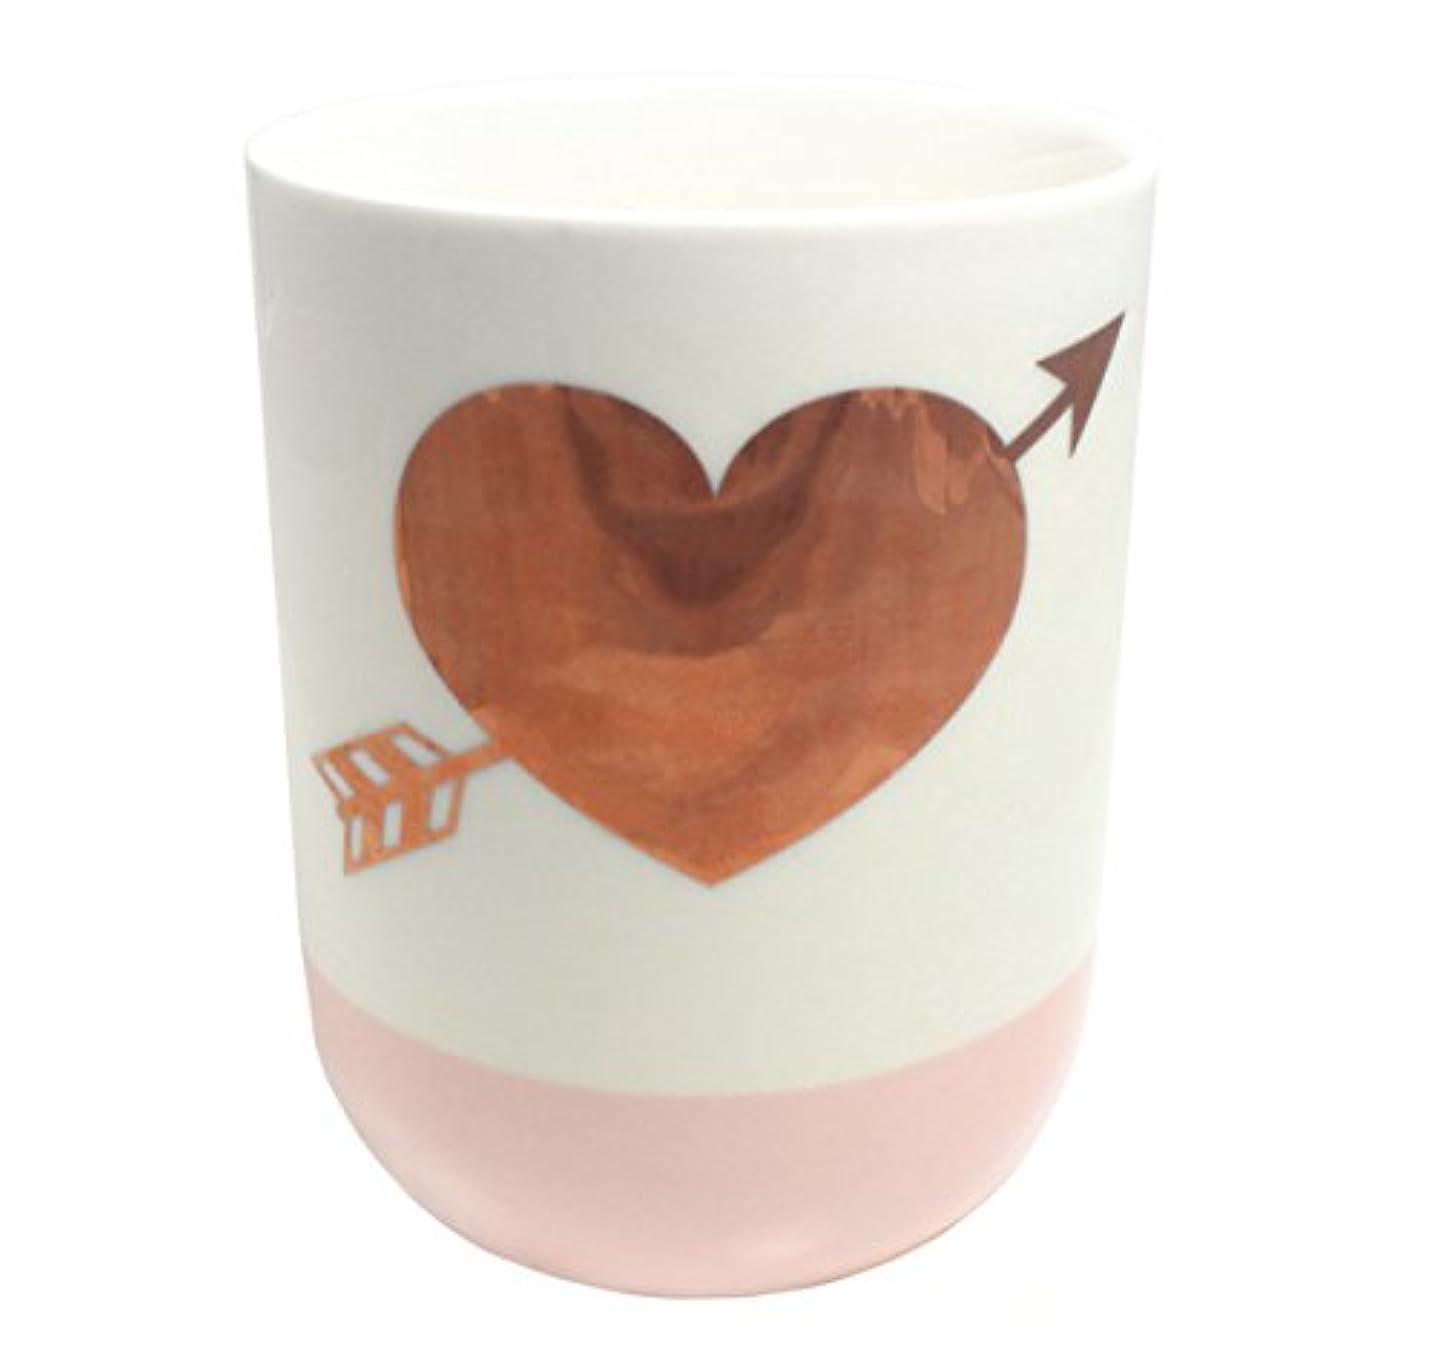 発明する純粋にビジュアル2つの会社10.5-oz GildedハートローズScented Candle ;ホワイト&ピンク